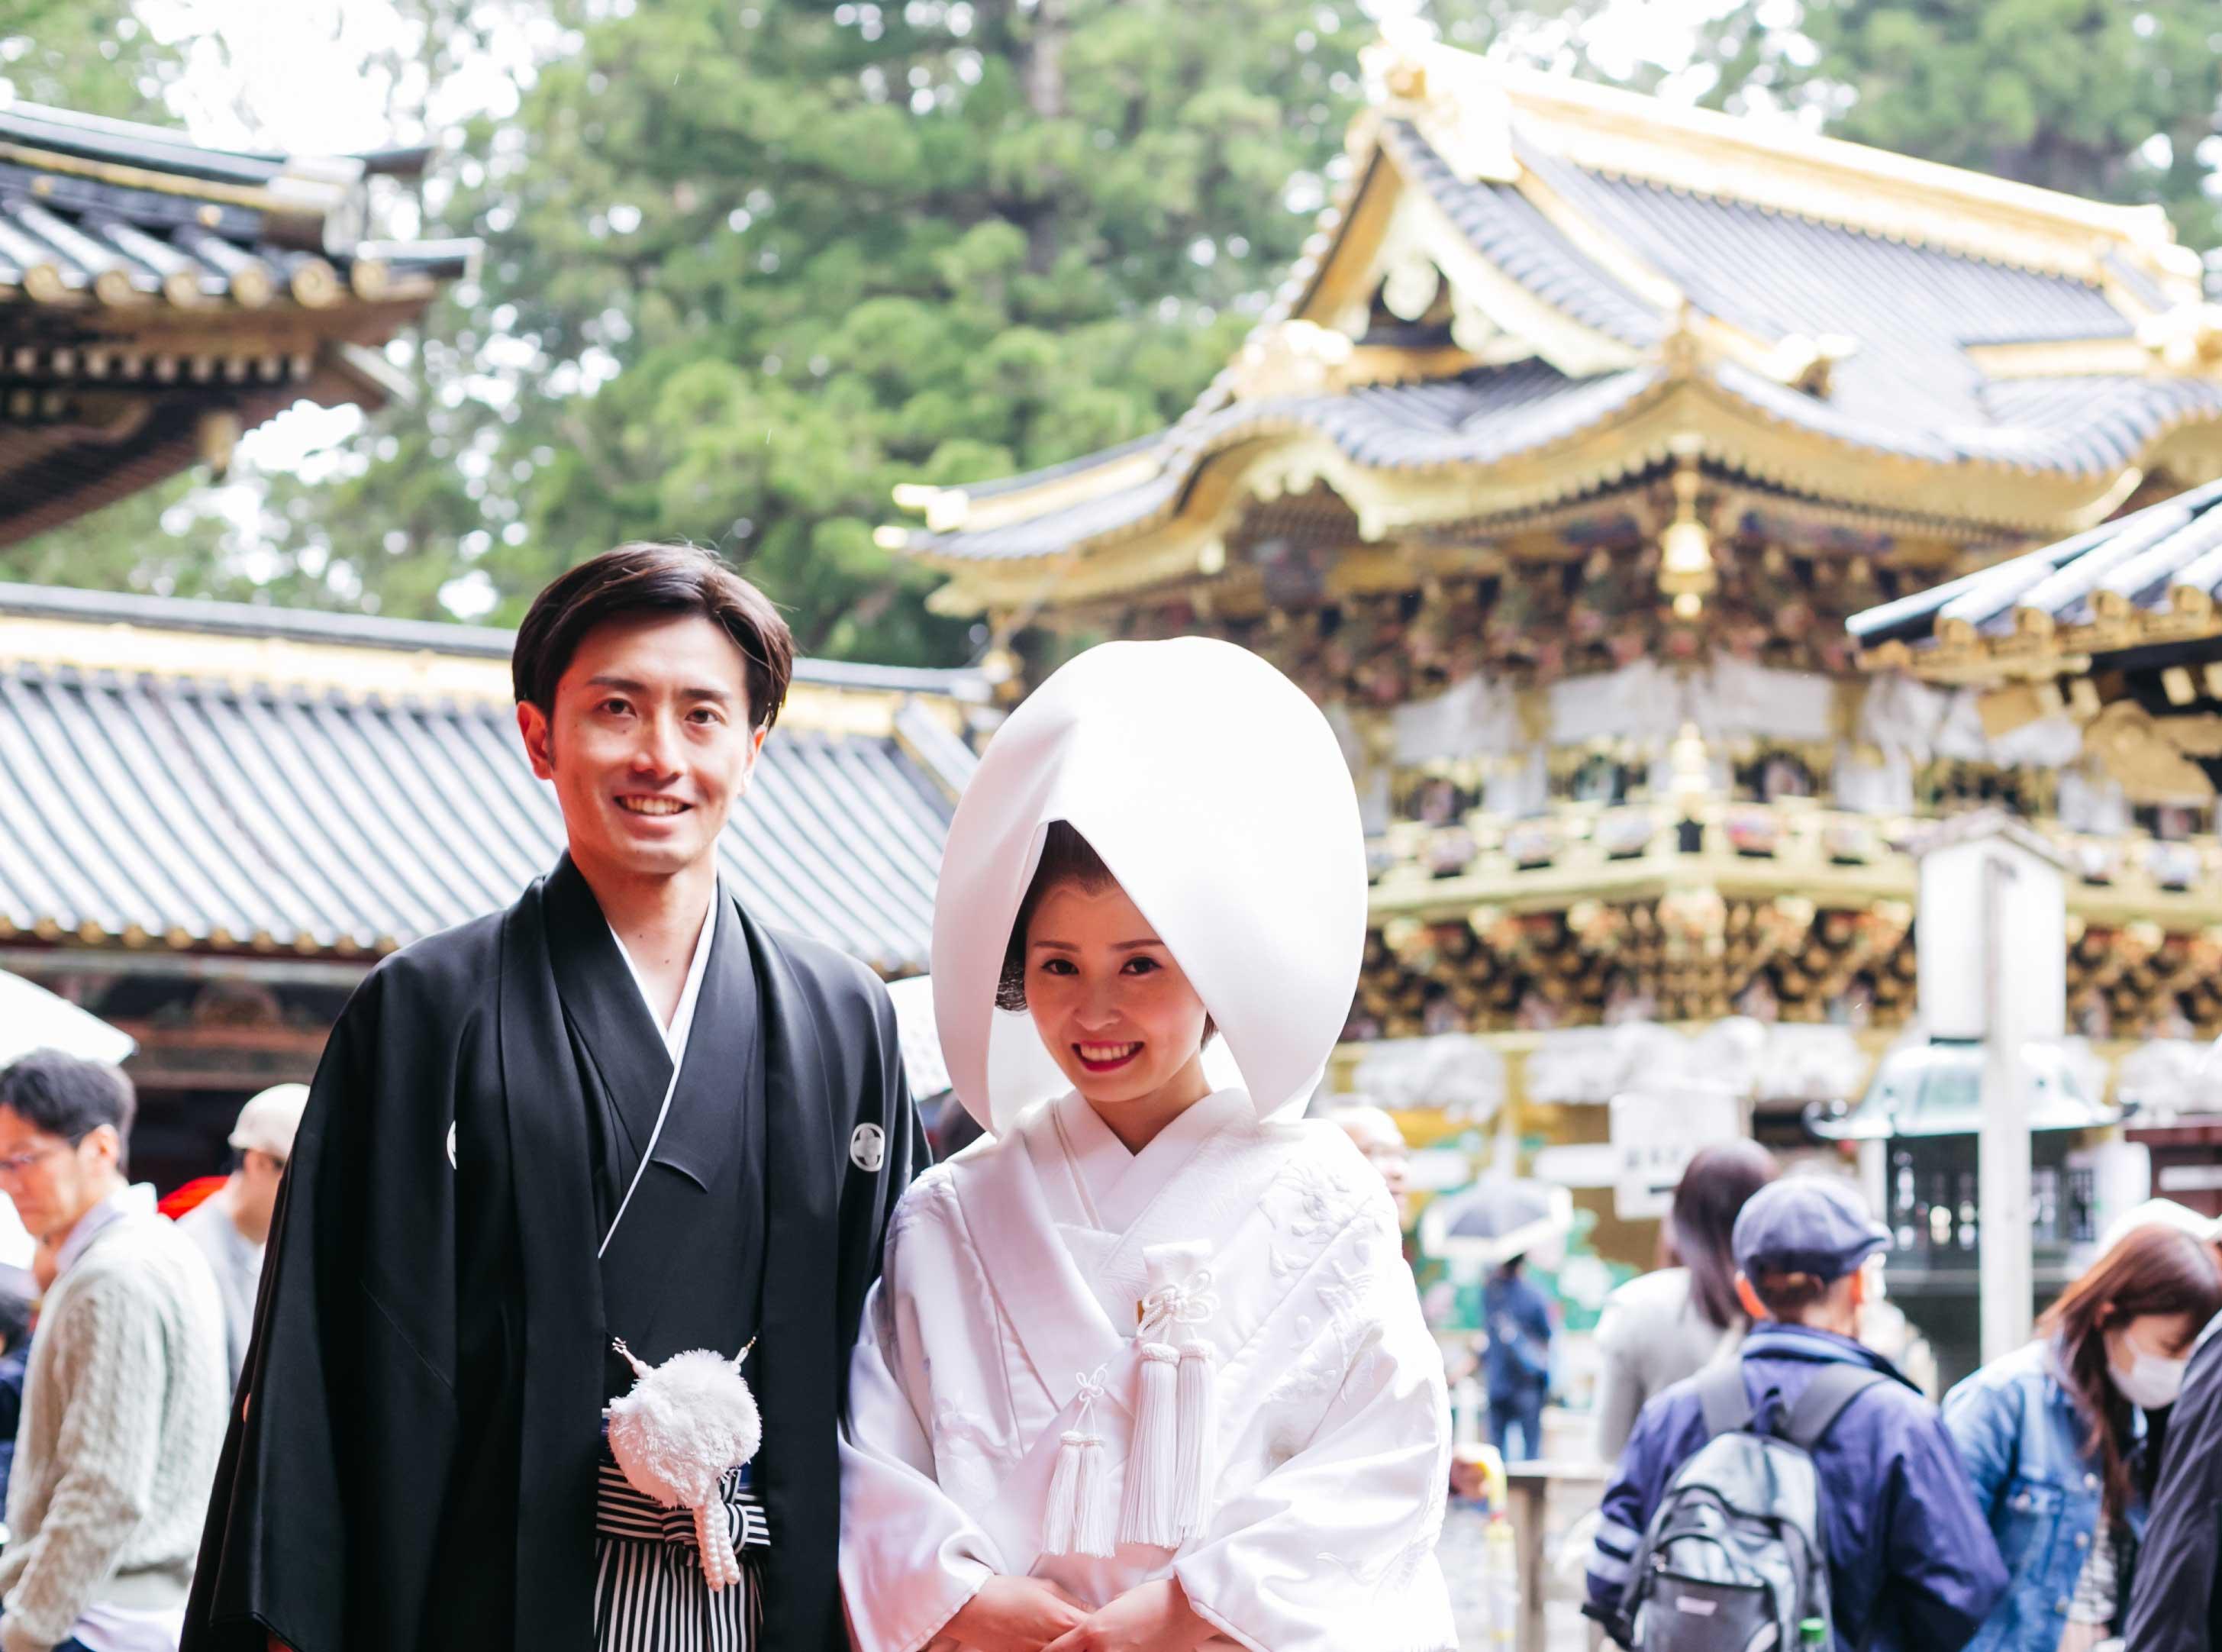 日本が誇る世界文化遺産、日光の社寺で<br>一生の宝物になる慶びと思い出を